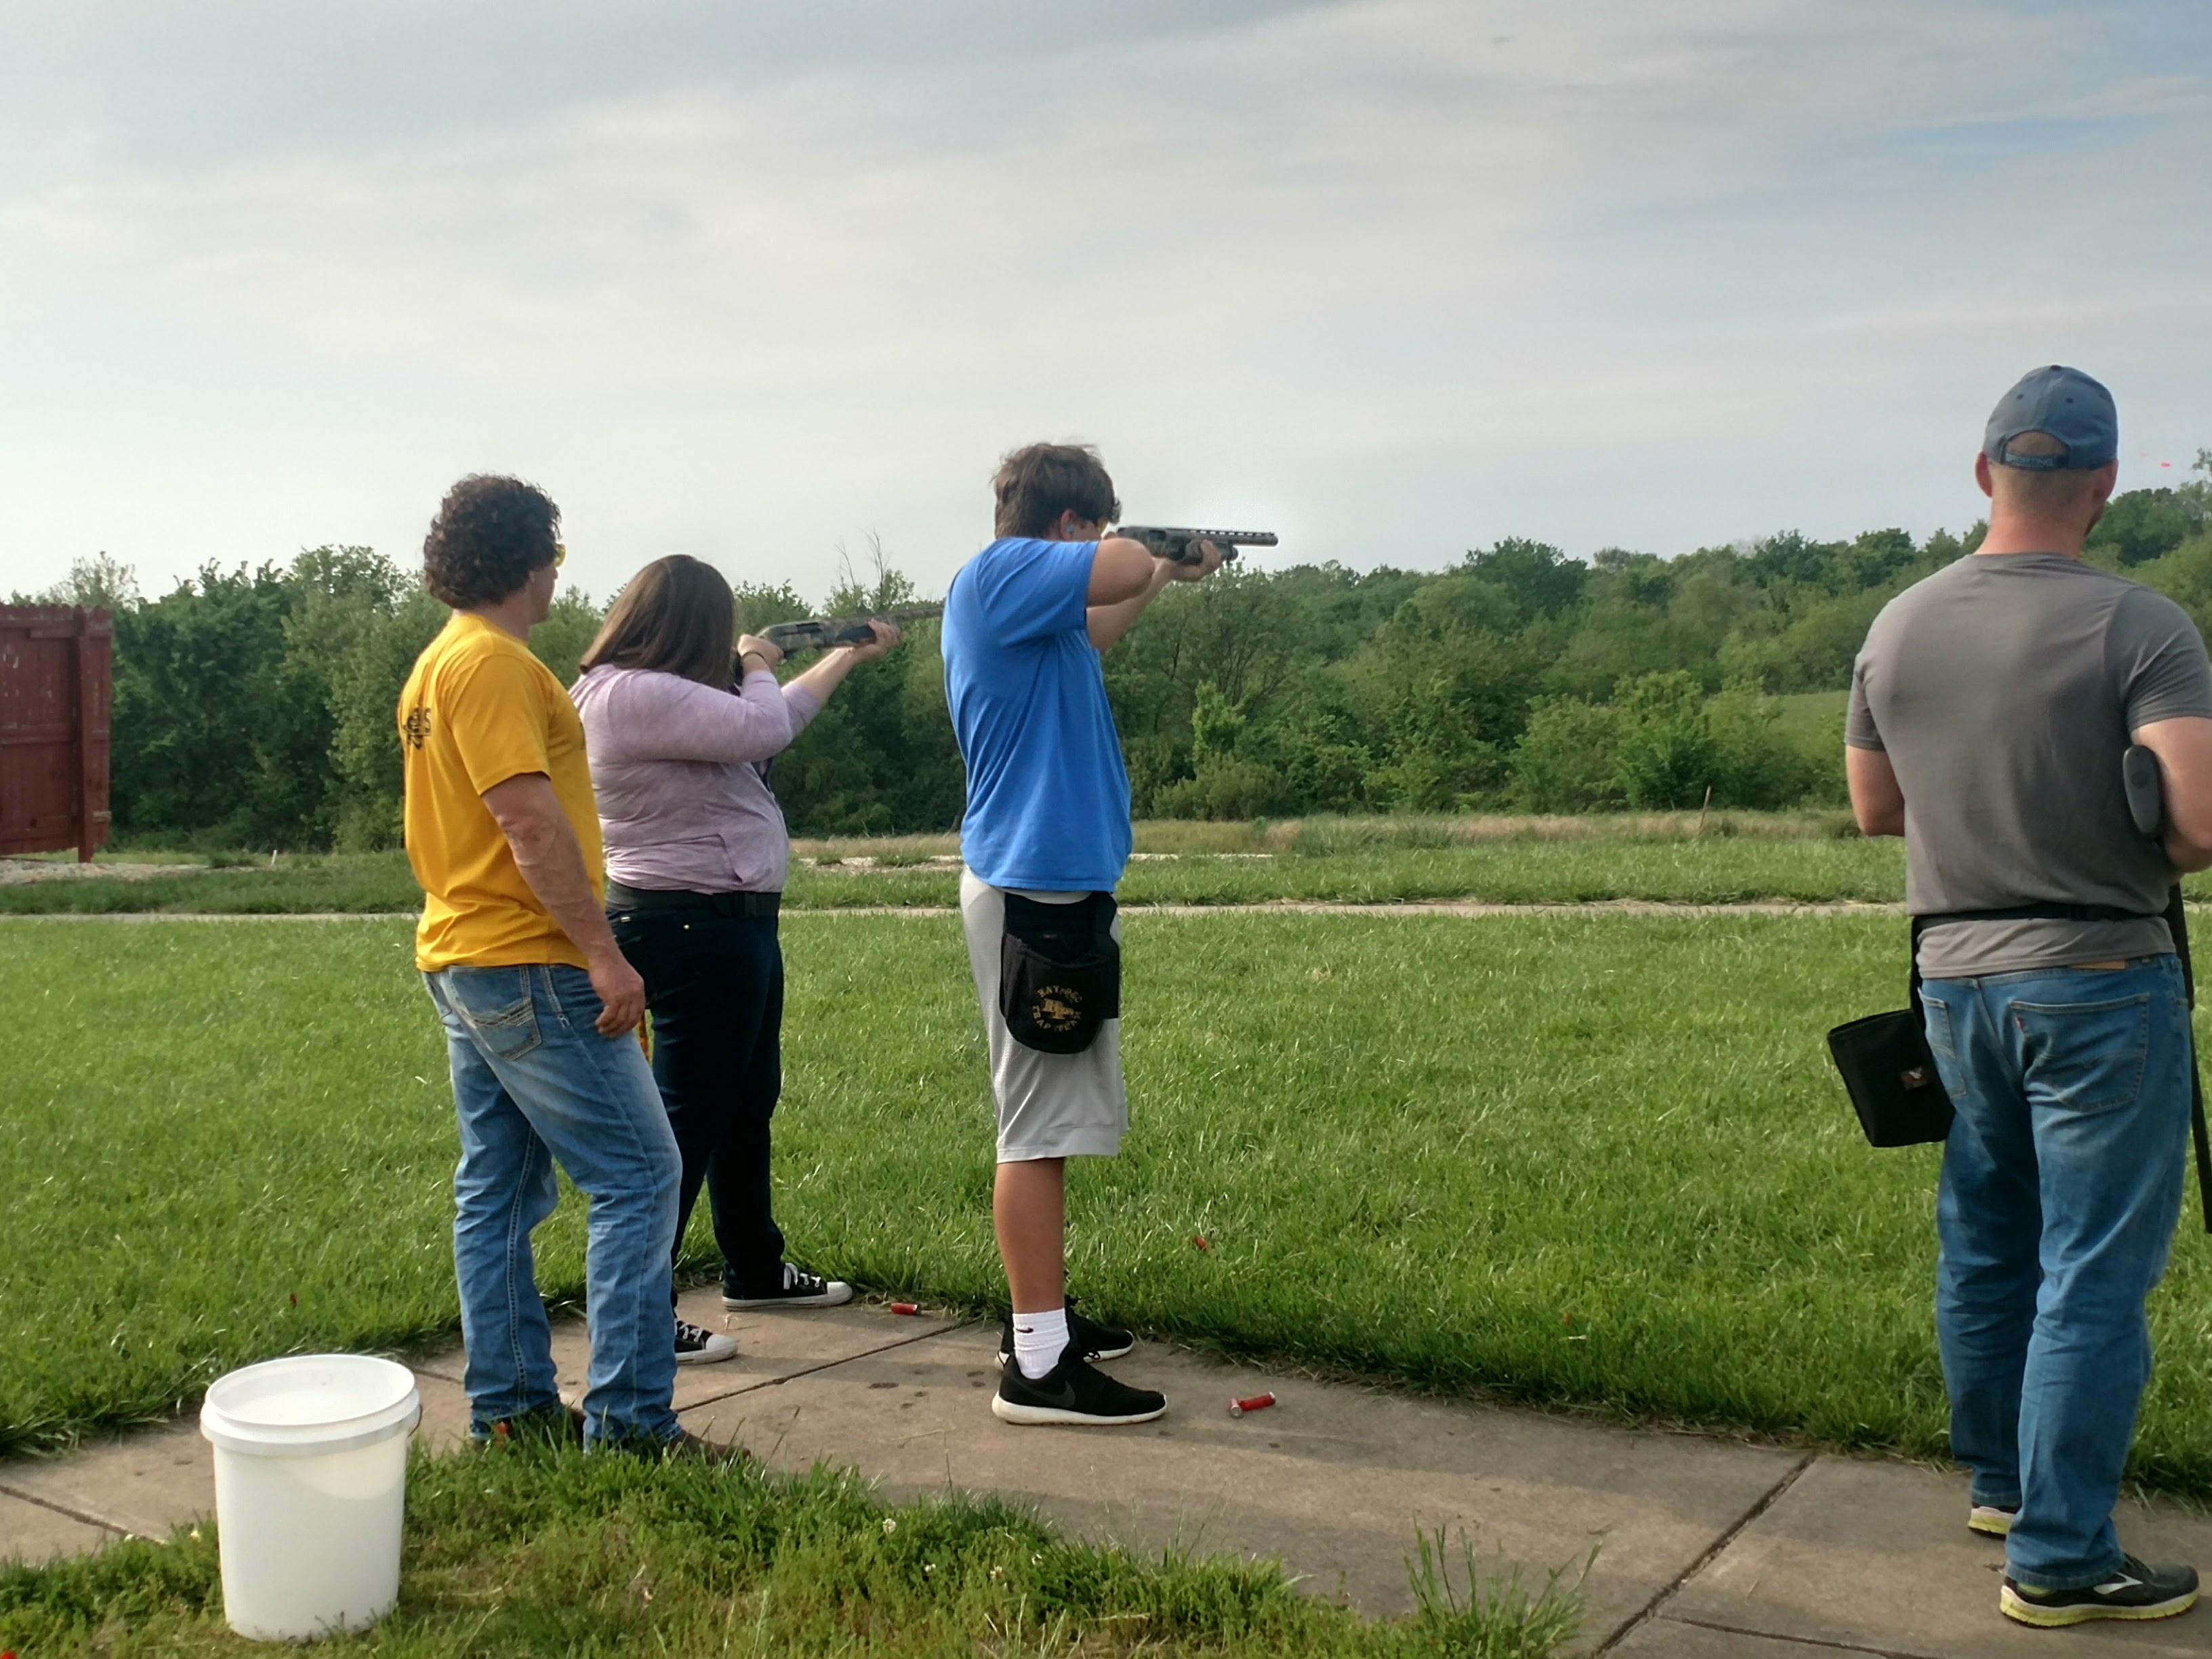 2018 HS Student & Teacher Shoot